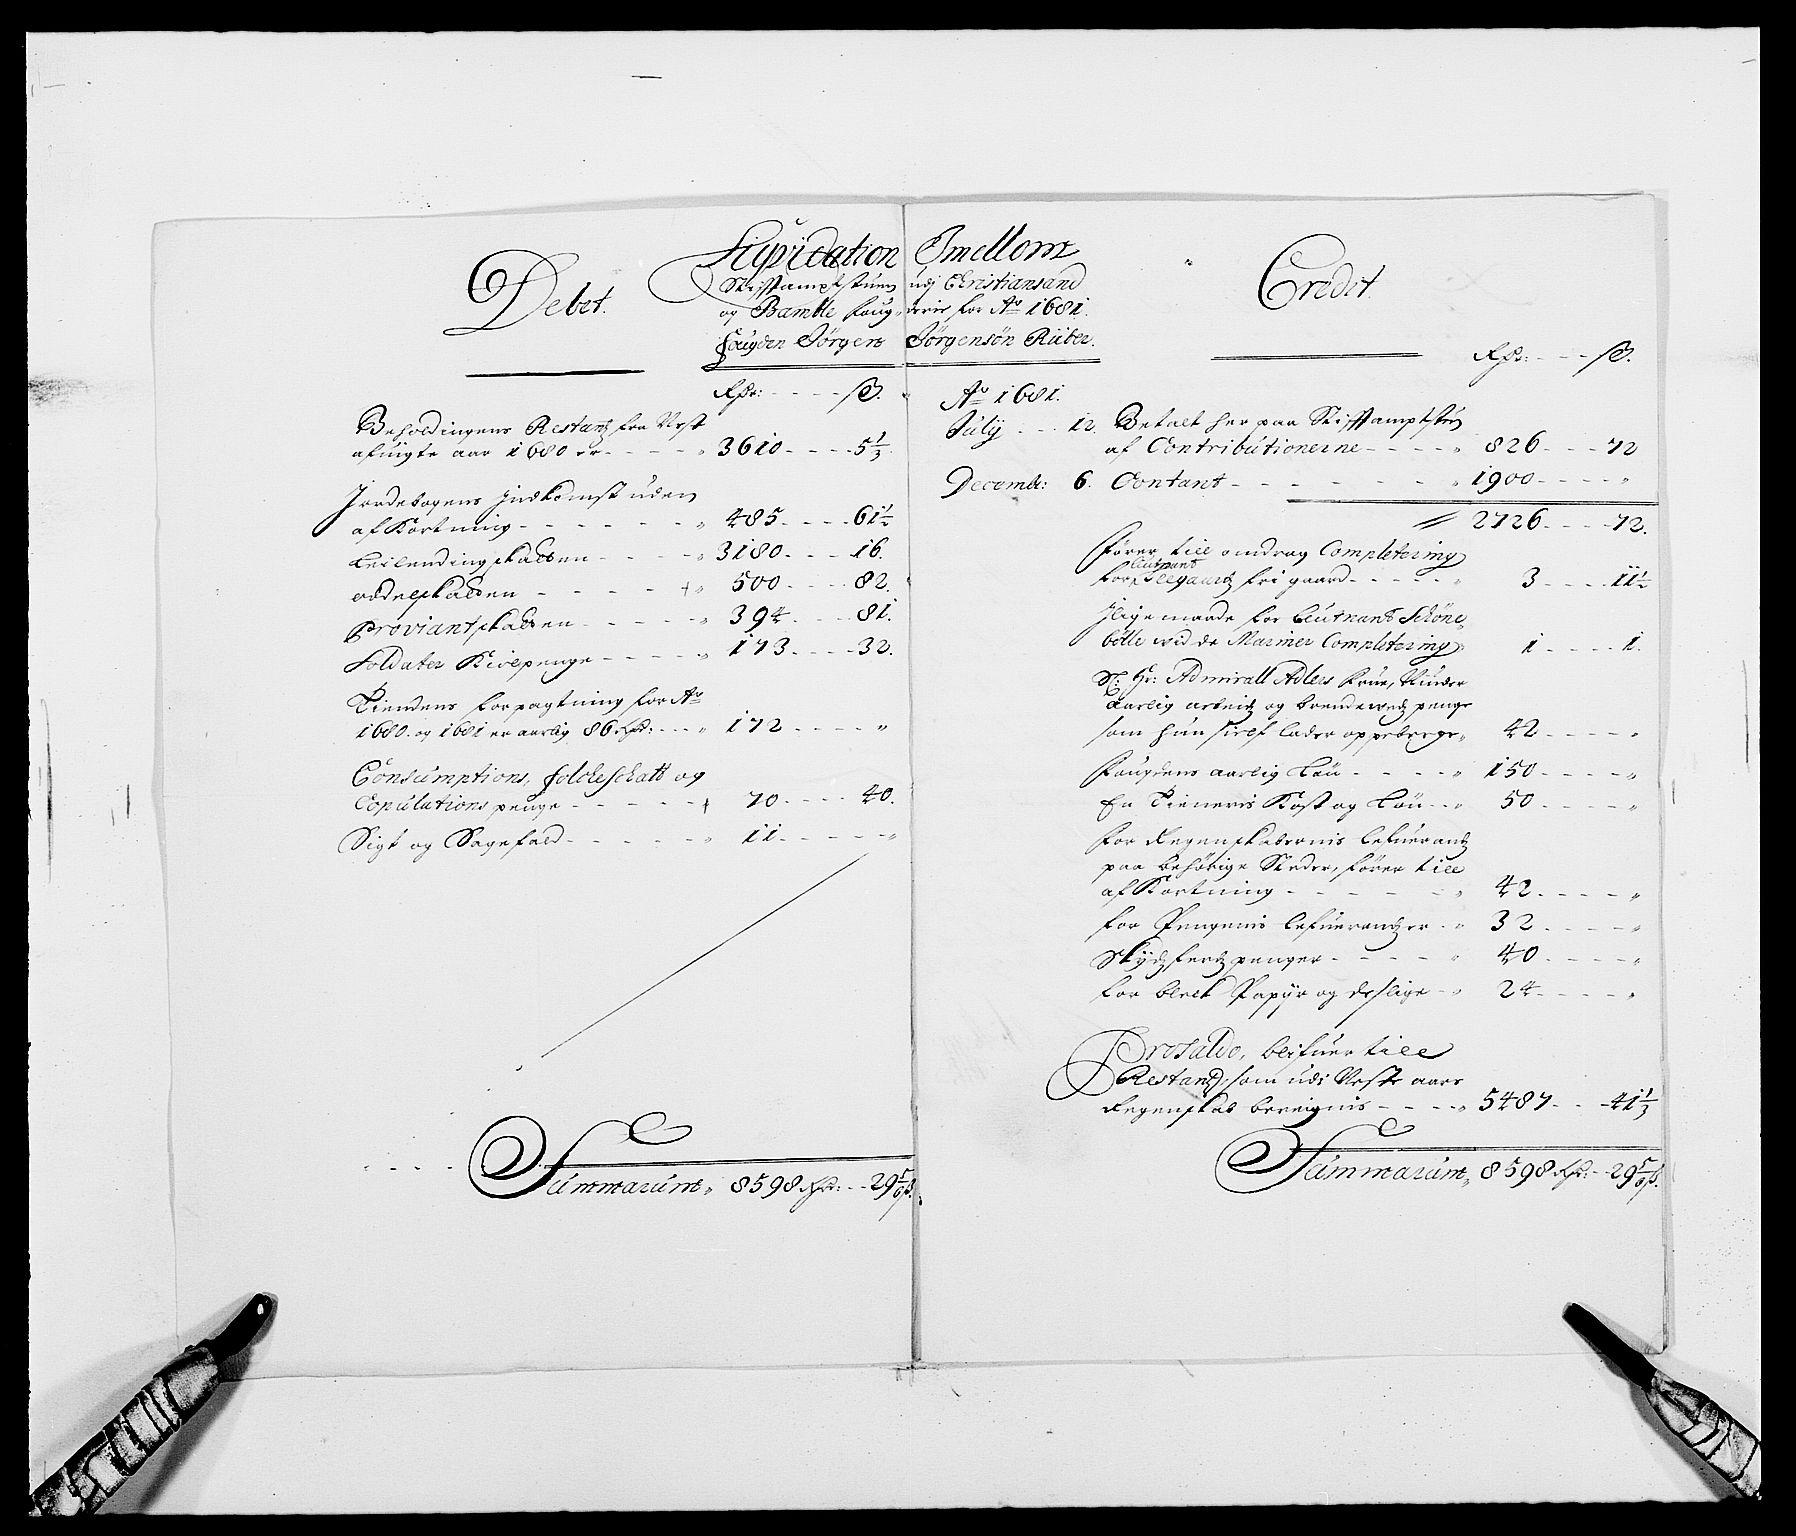 RA, Rentekammeret inntil 1814, Reviderte regnskaper, Fogderegnskap, R34/L2045: Fogderegnskap Bamble, 1680-1681, s. 374